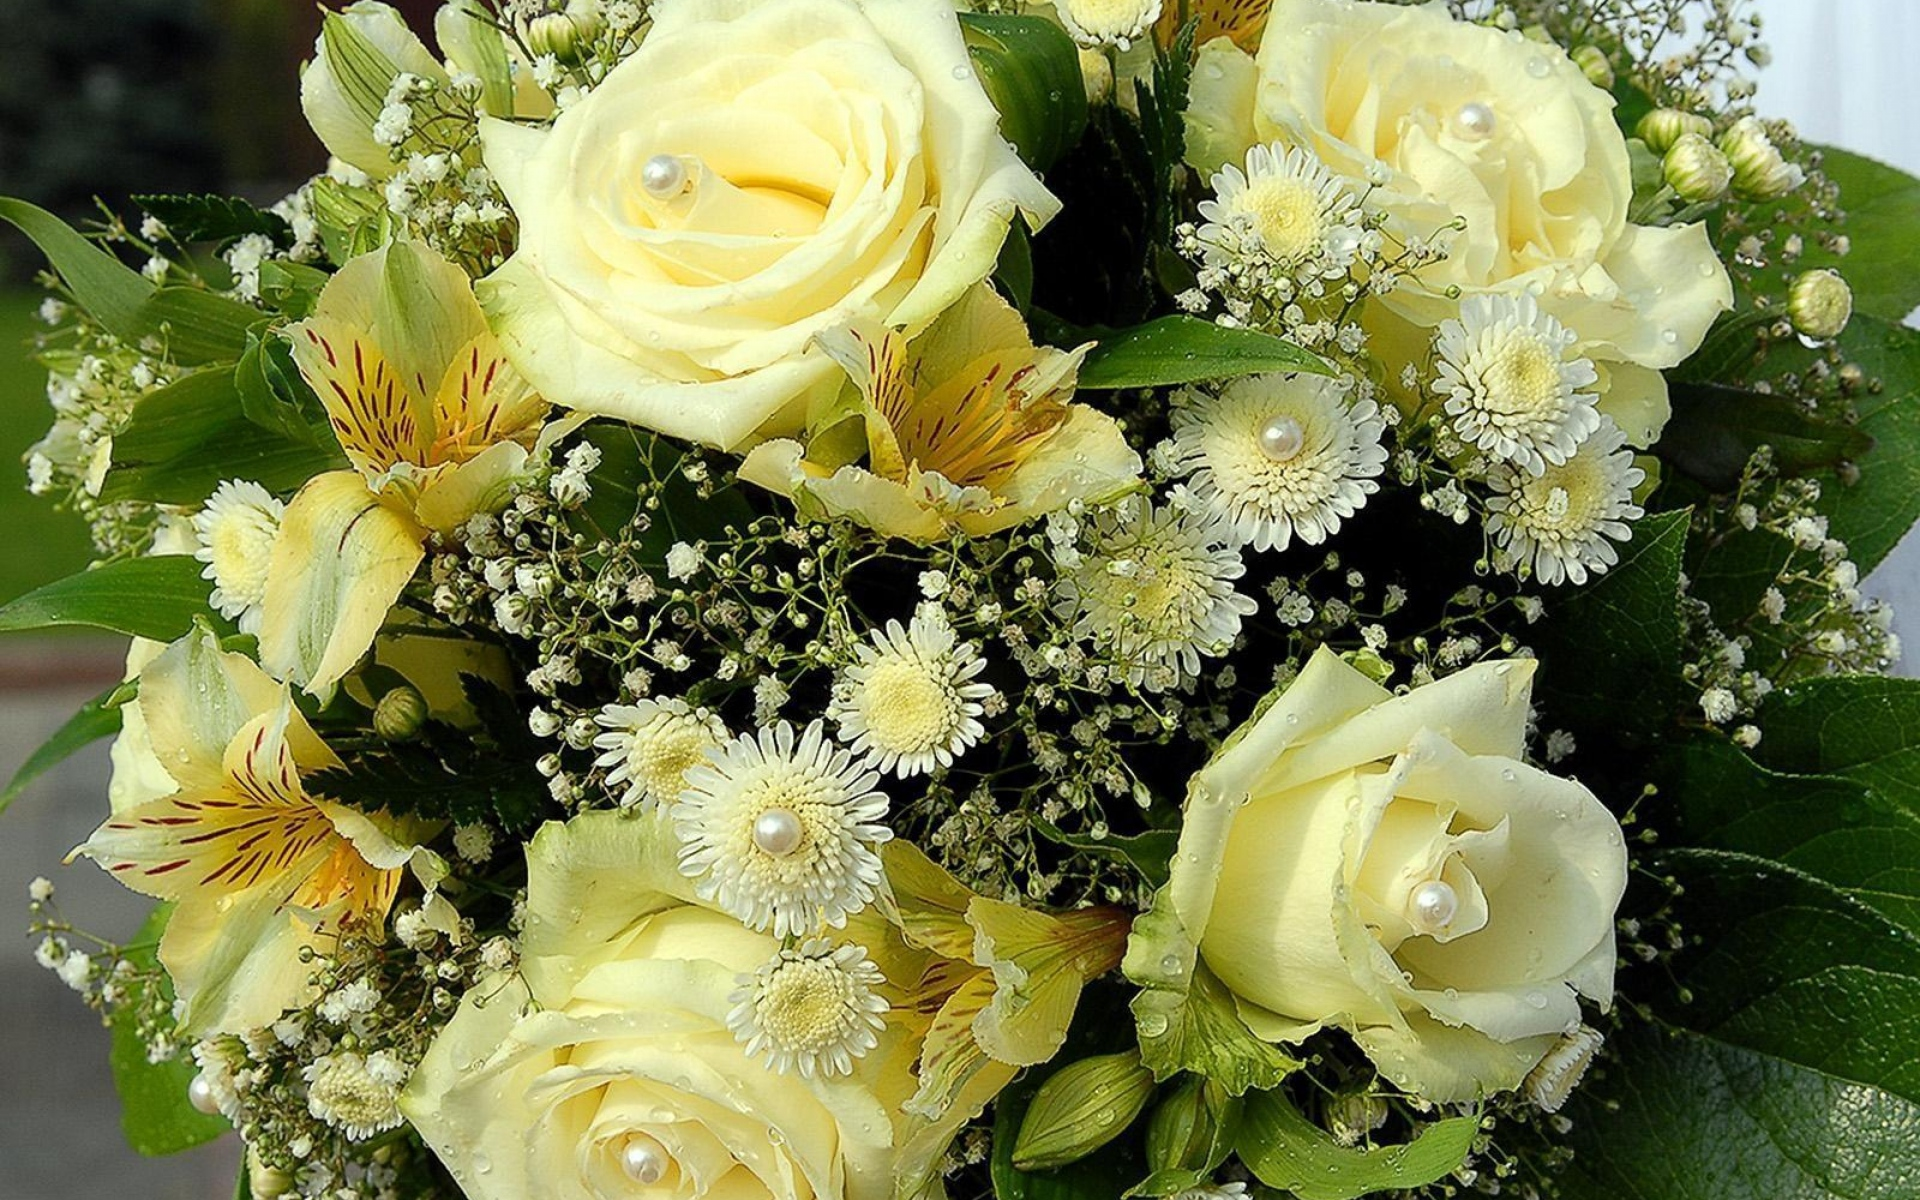 Картинки Розы, лилии, цветы, букет, бусы, дизайн, капля фото и обои на рабочий стол